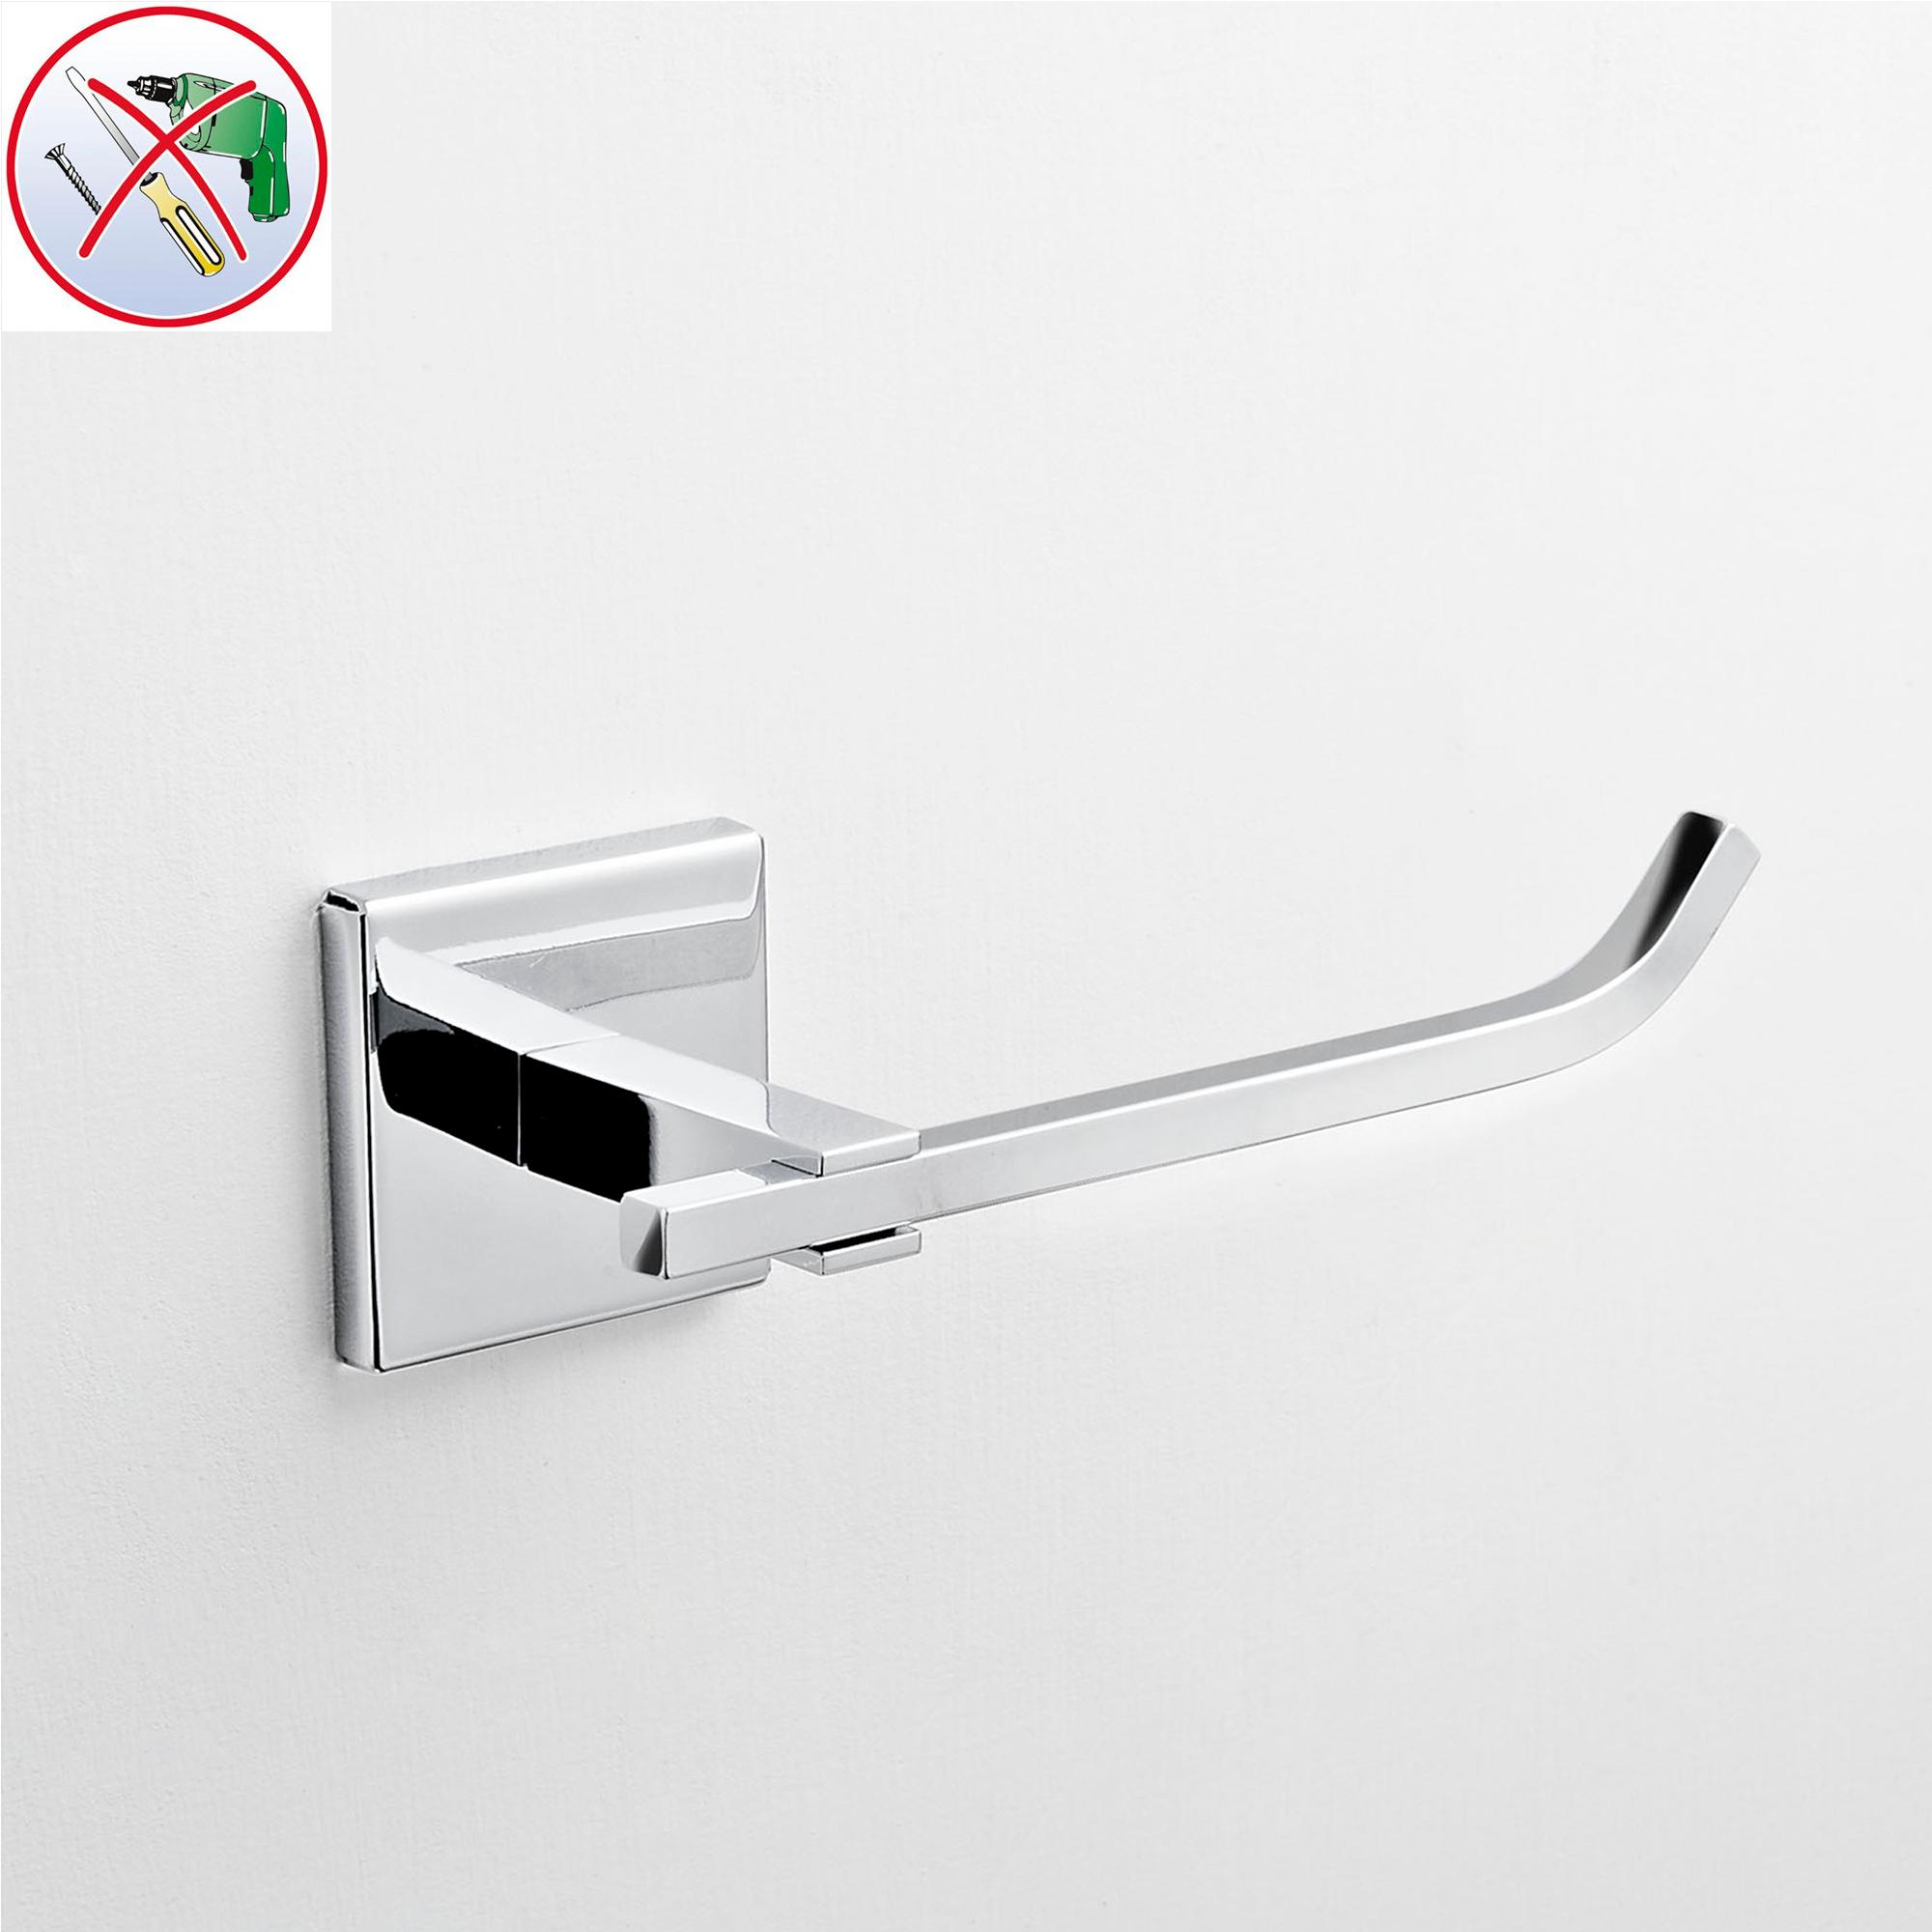 XYMJ antiscivolo per doccia confezione da 3 bianco cucina portasapone in silicone flessibile facile da pulire a cascata bagno